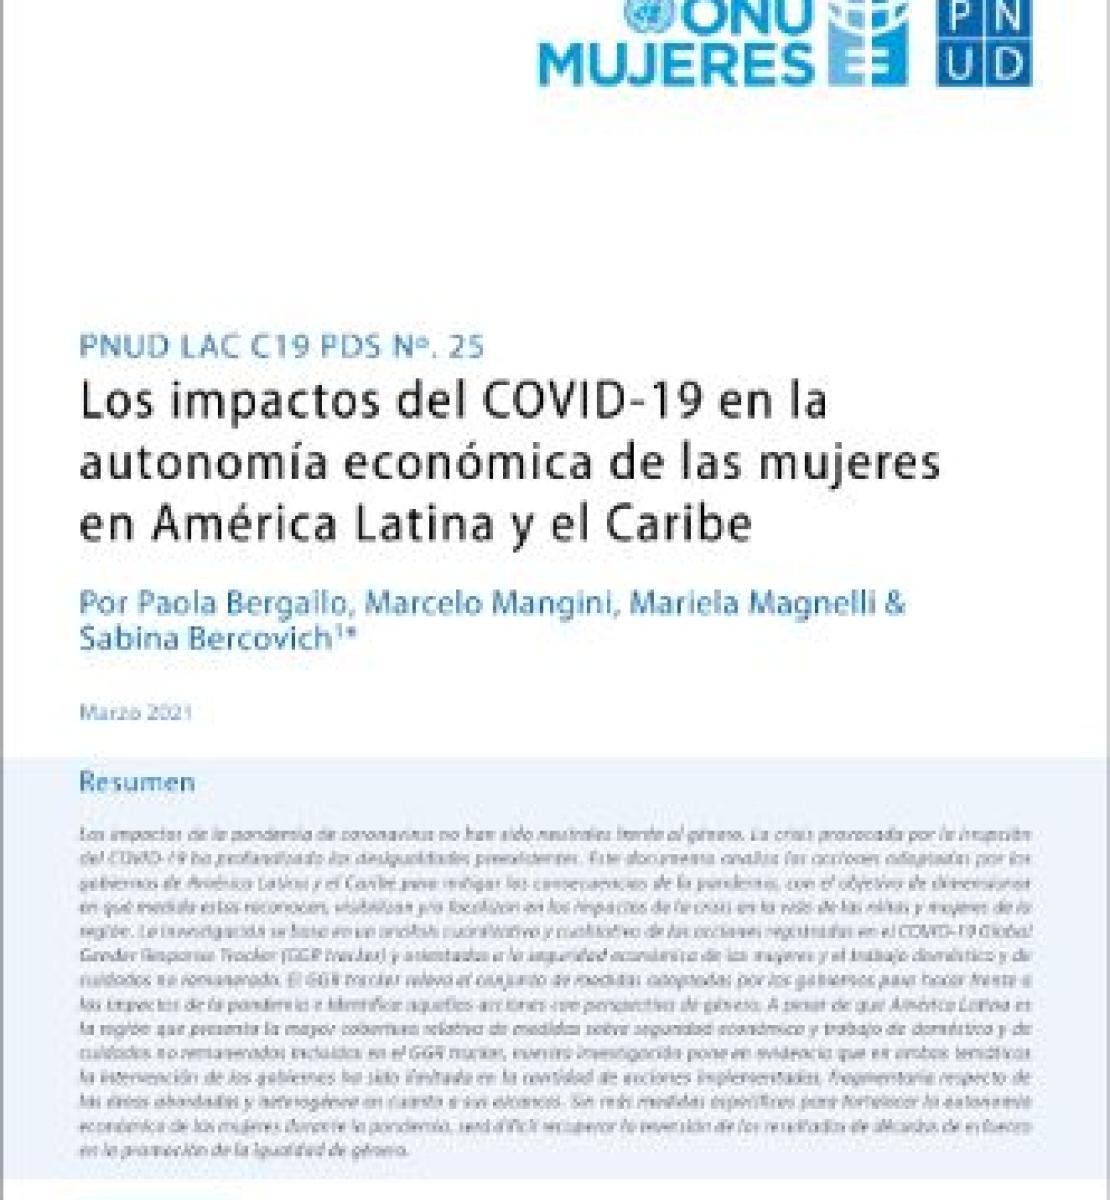 Primera página, que hace las veces de portada, de la investigación sobre los impactos del COVID-19 en la autonomía económica de las mujeres en América Latina y el Caribe.